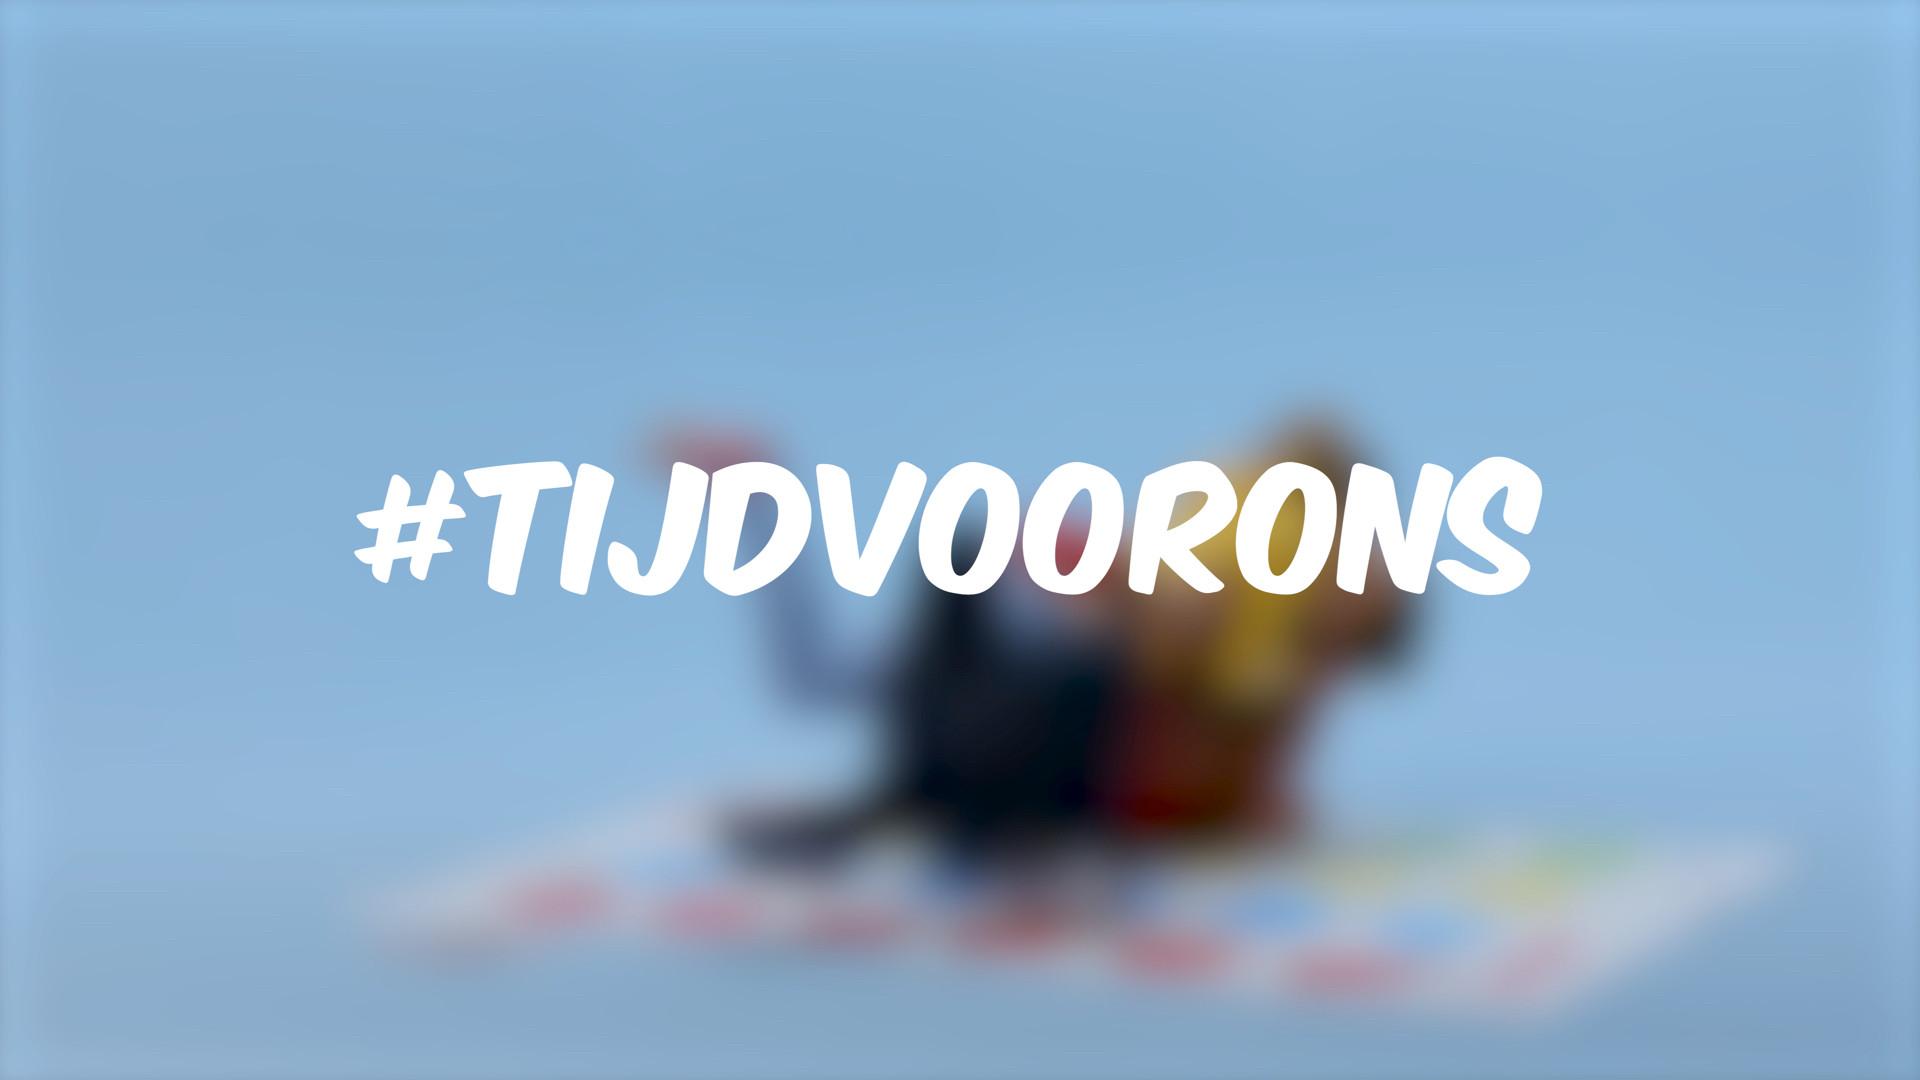 #TijdVoorOns